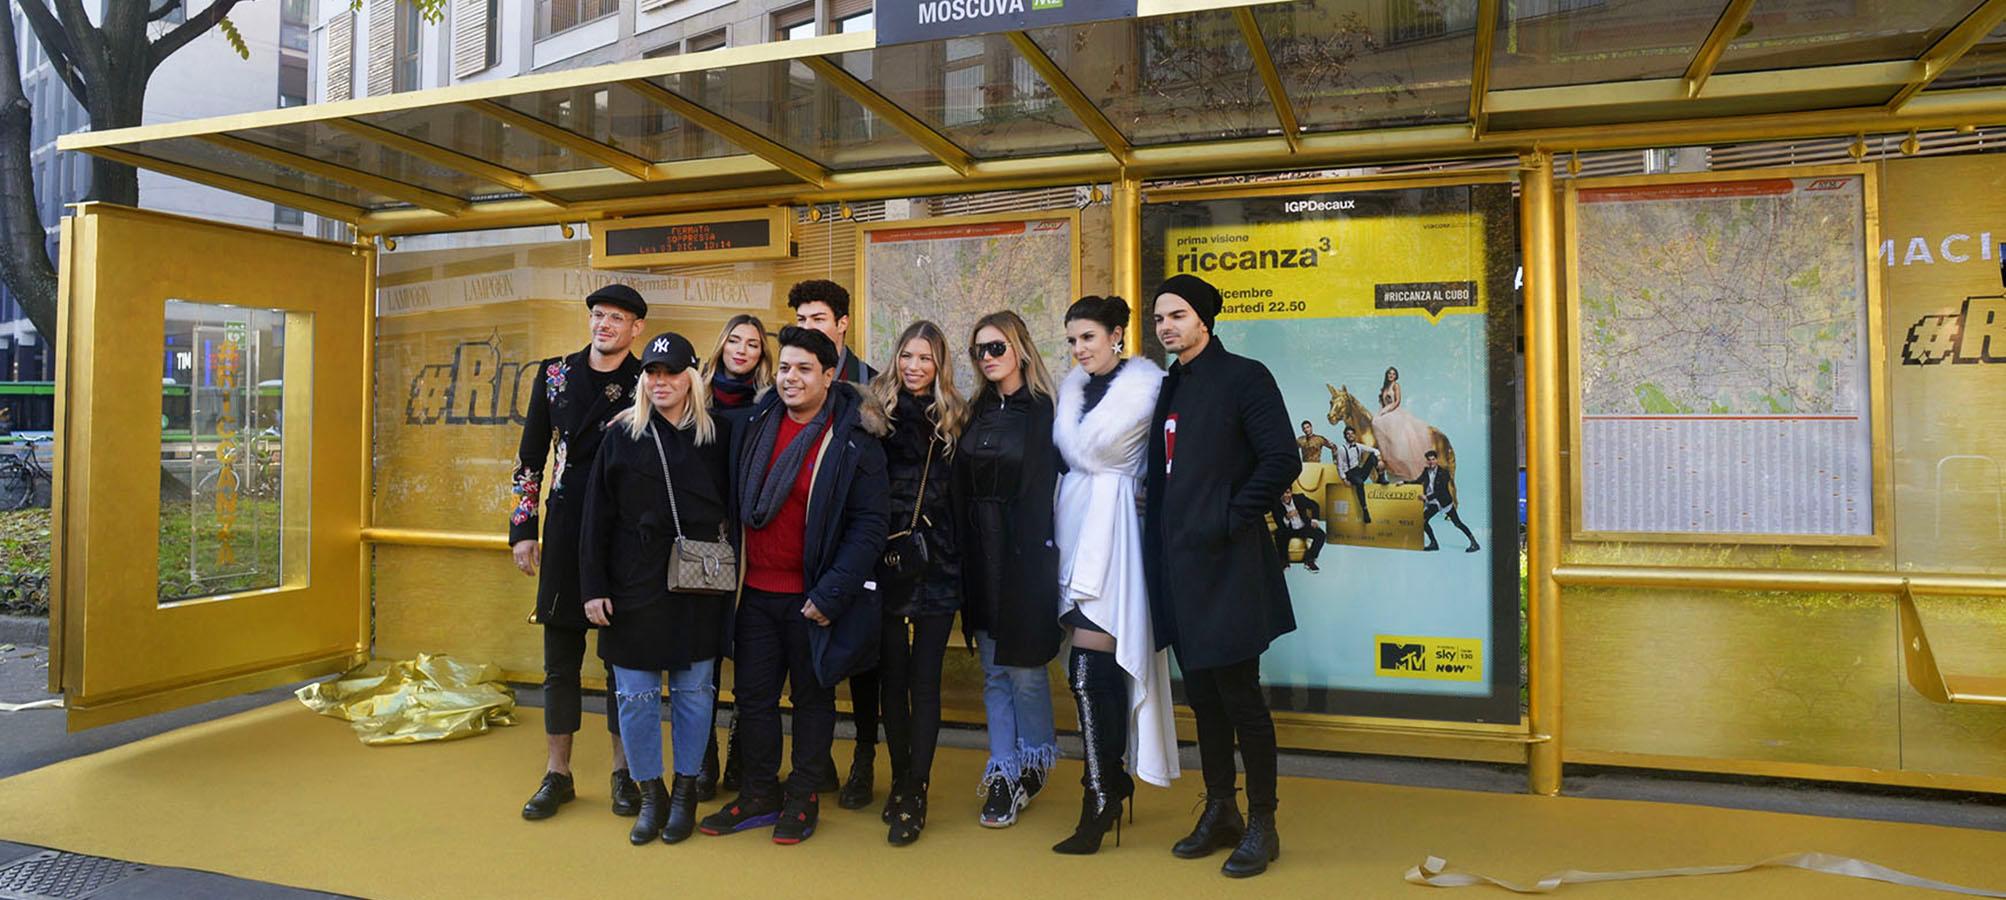 Brand pensilina a Milano per Riccanza